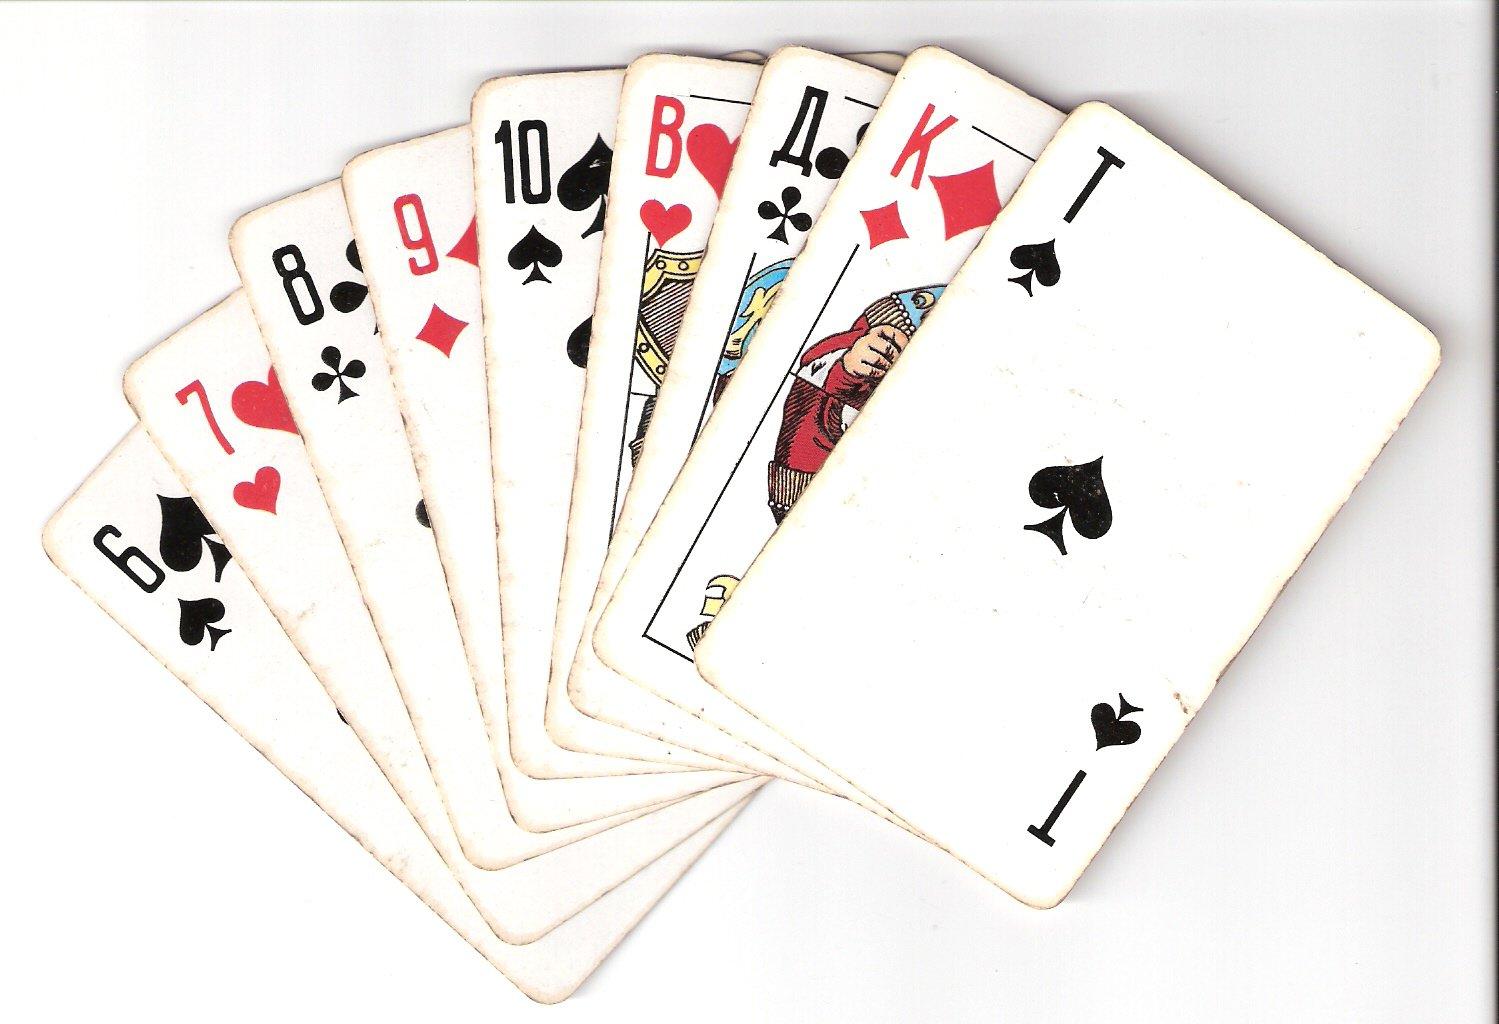 Falcılıkta kartların yorumlanması